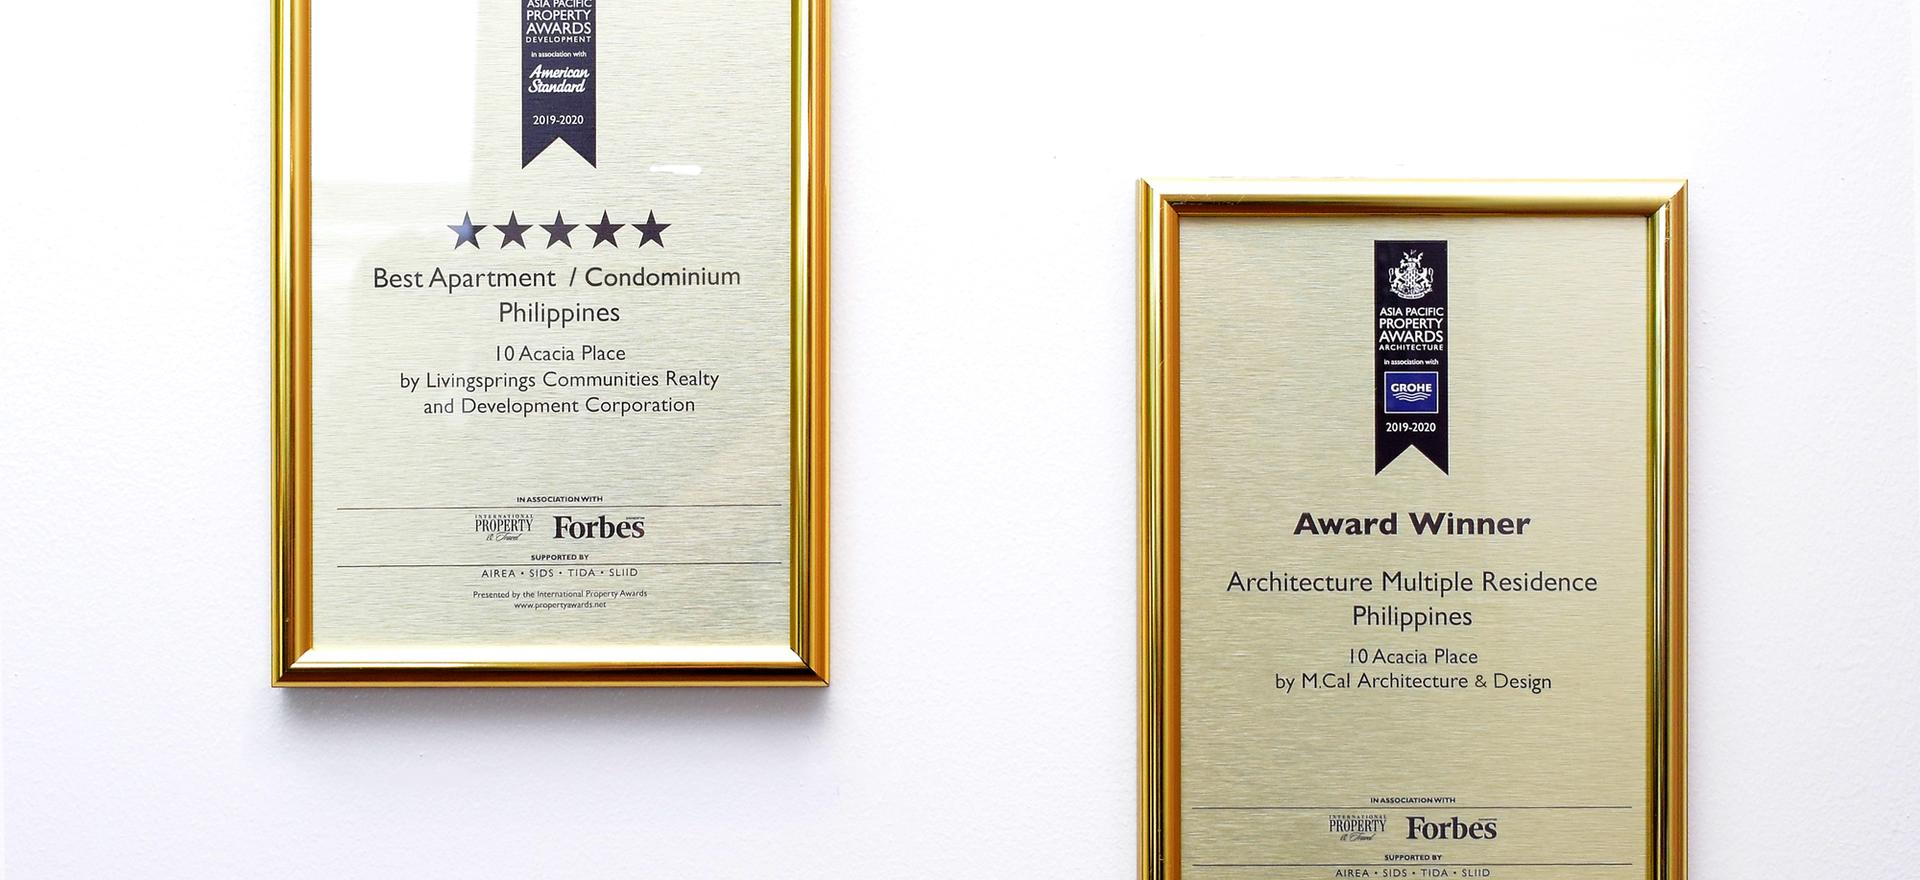 10 Acacia Place Awards Certificates.png